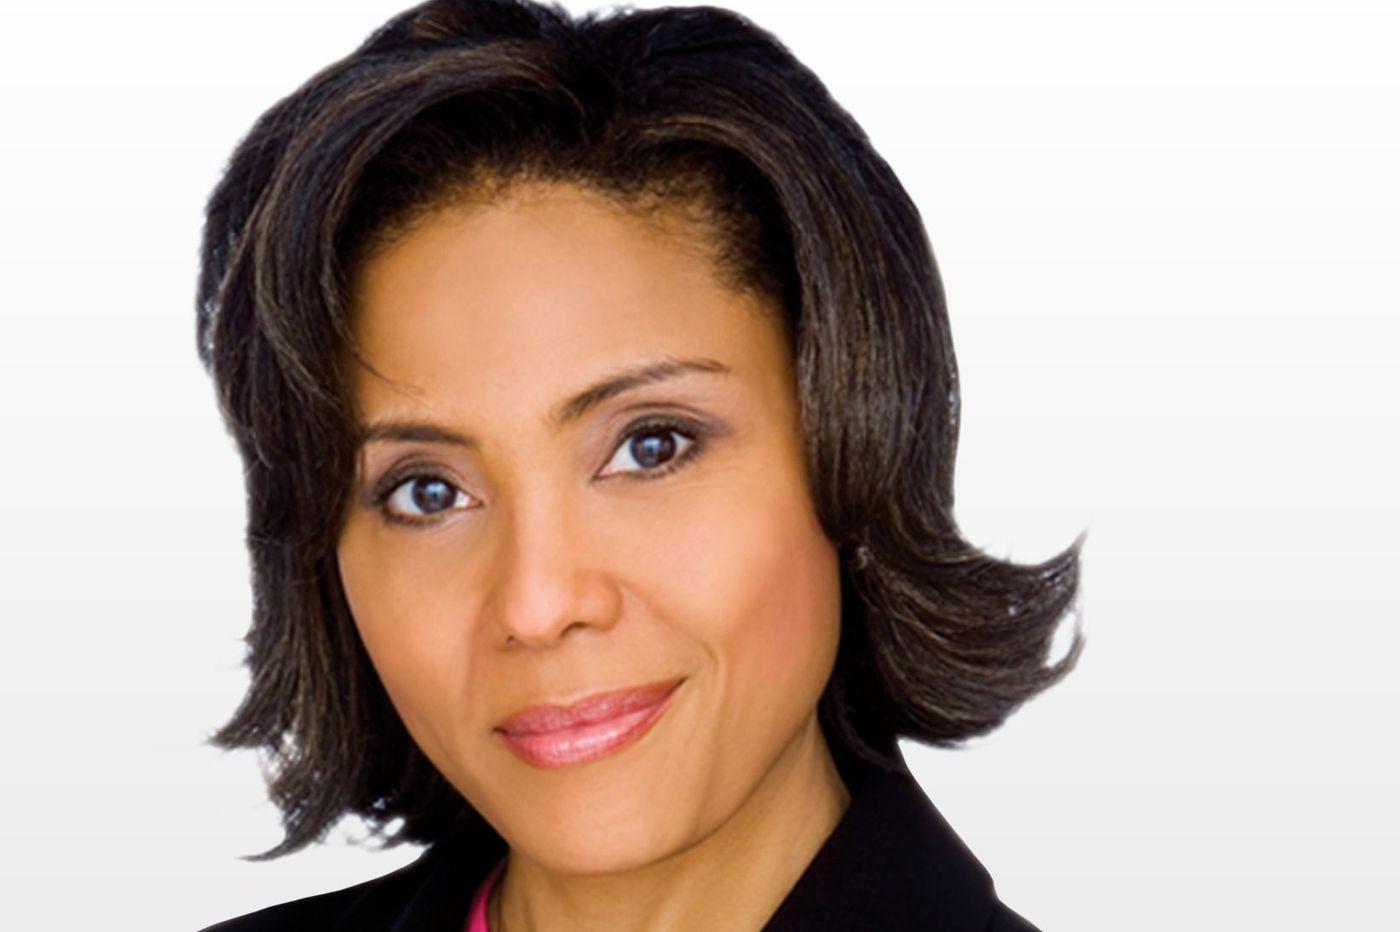 Fox 29's Joyce Evans is retiring after 24 years